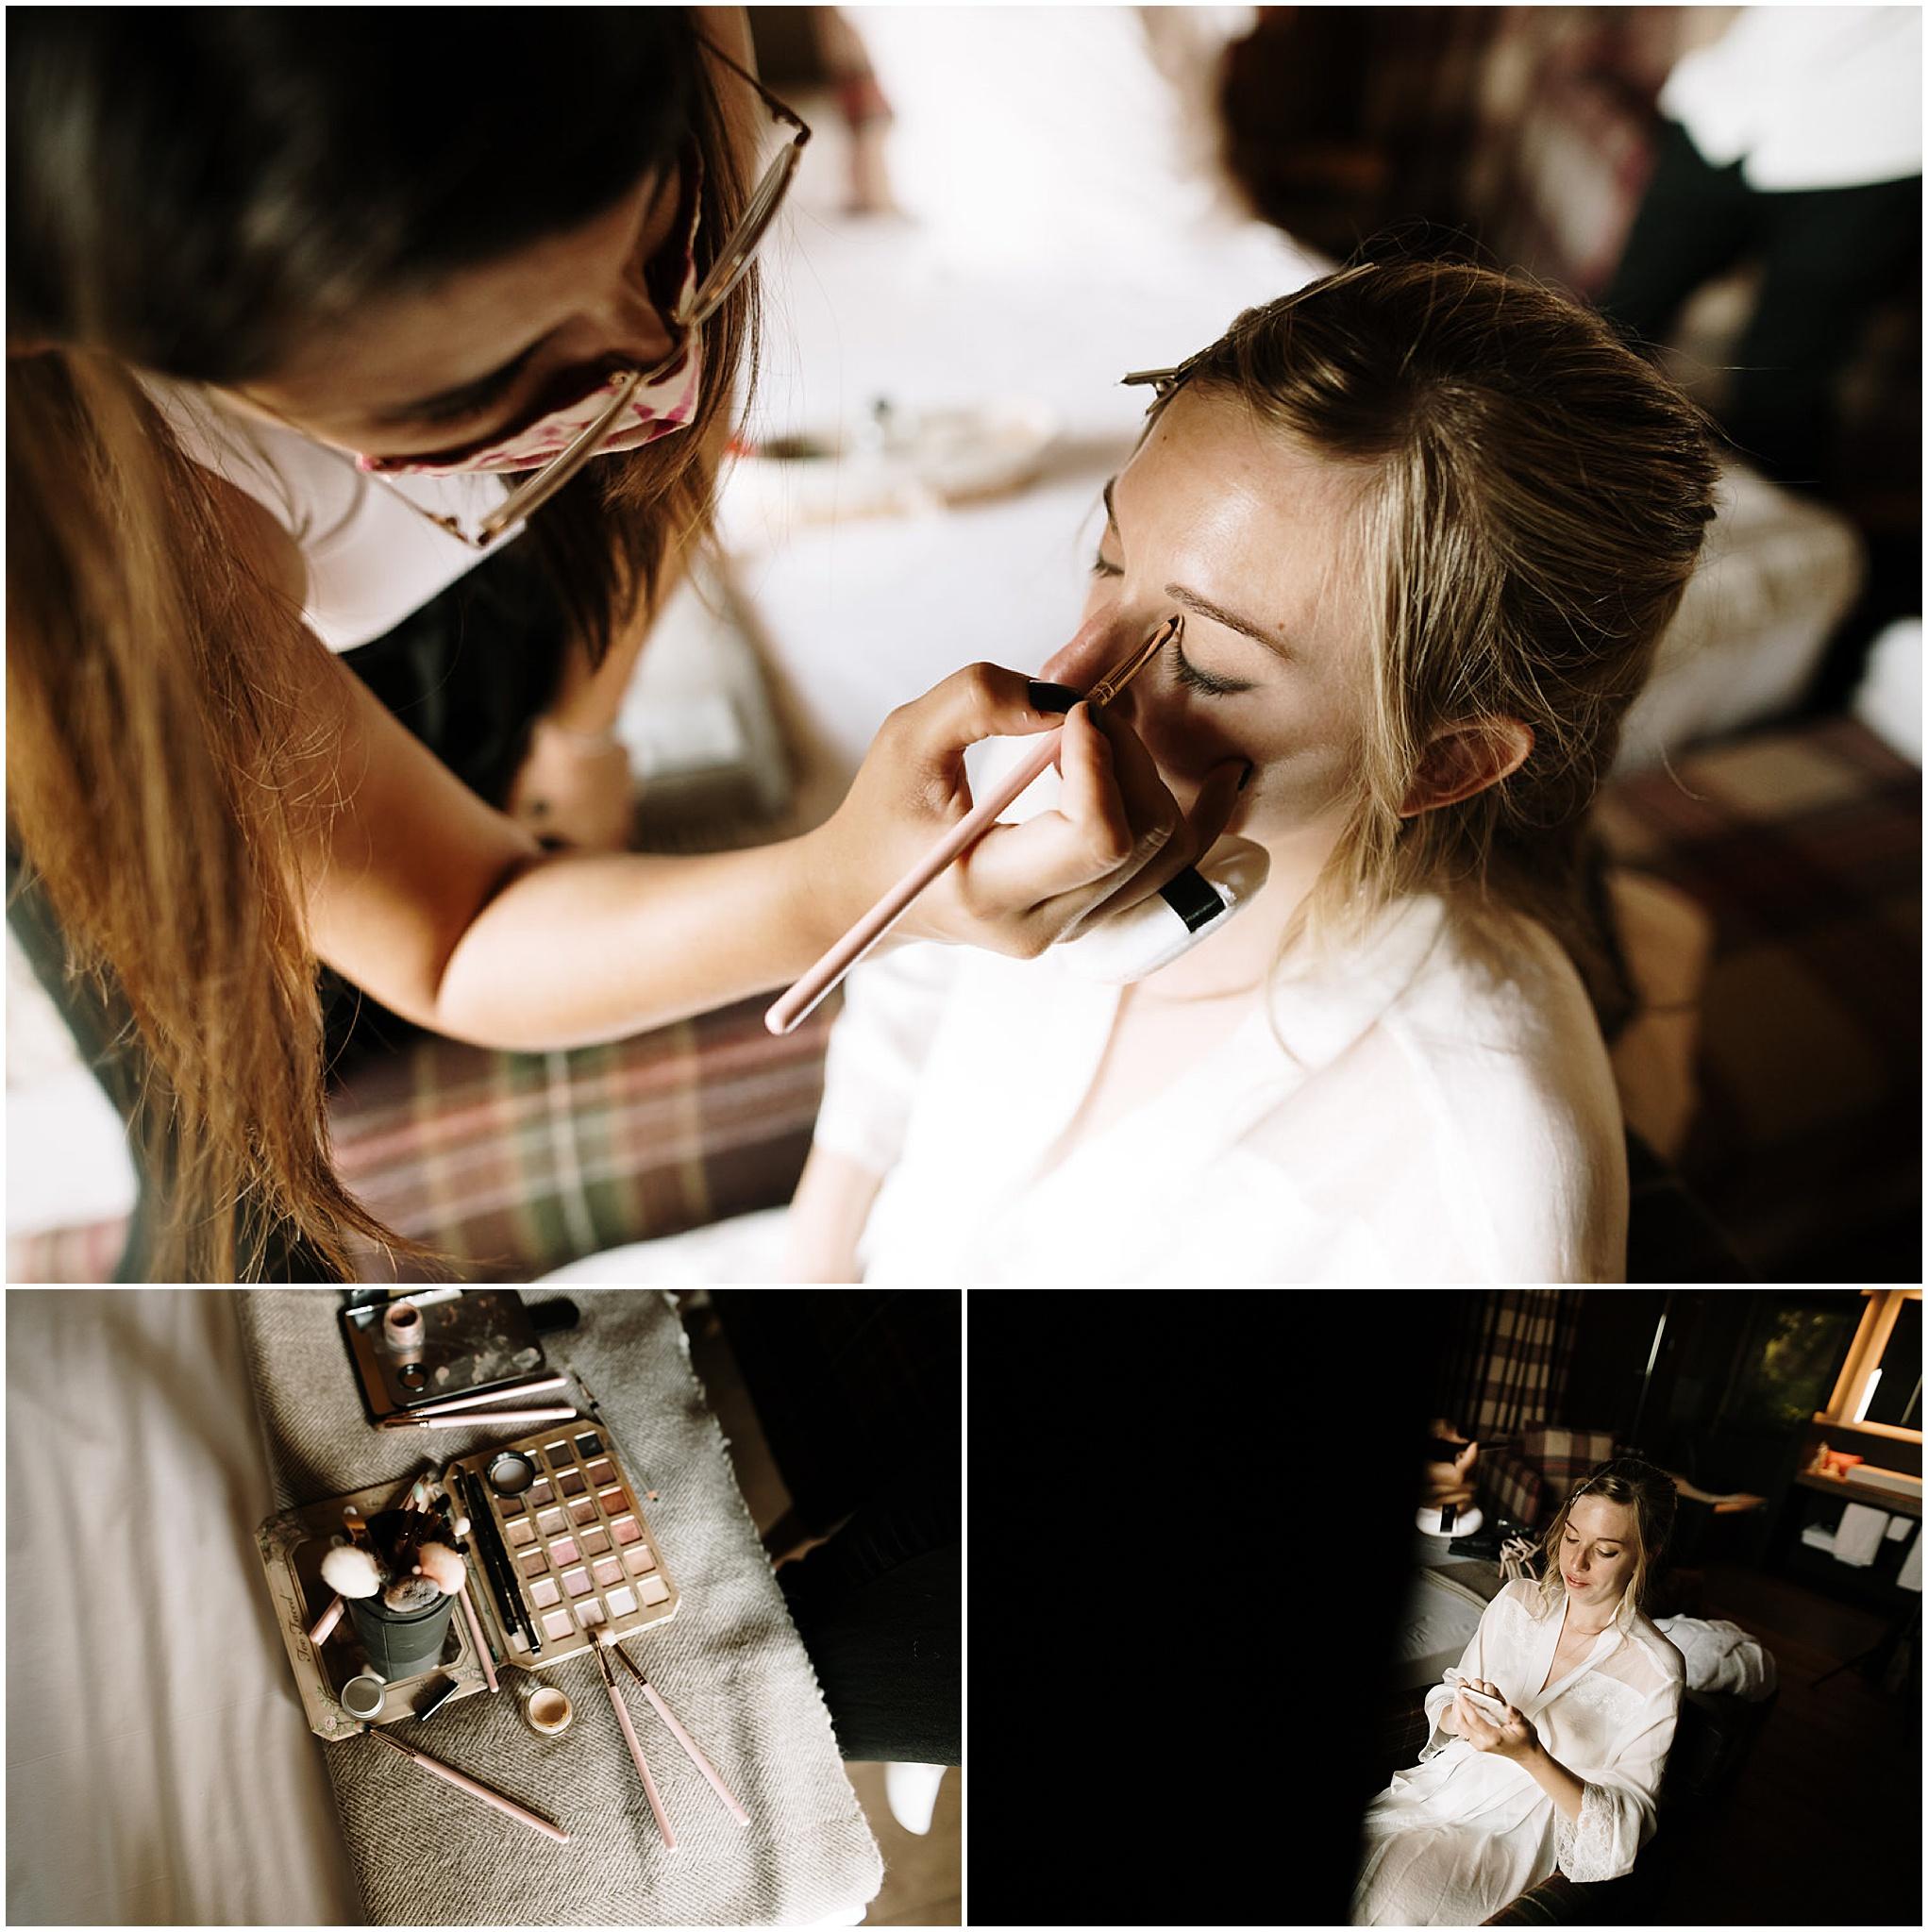 Novia siendo maquillada antes de su boda.